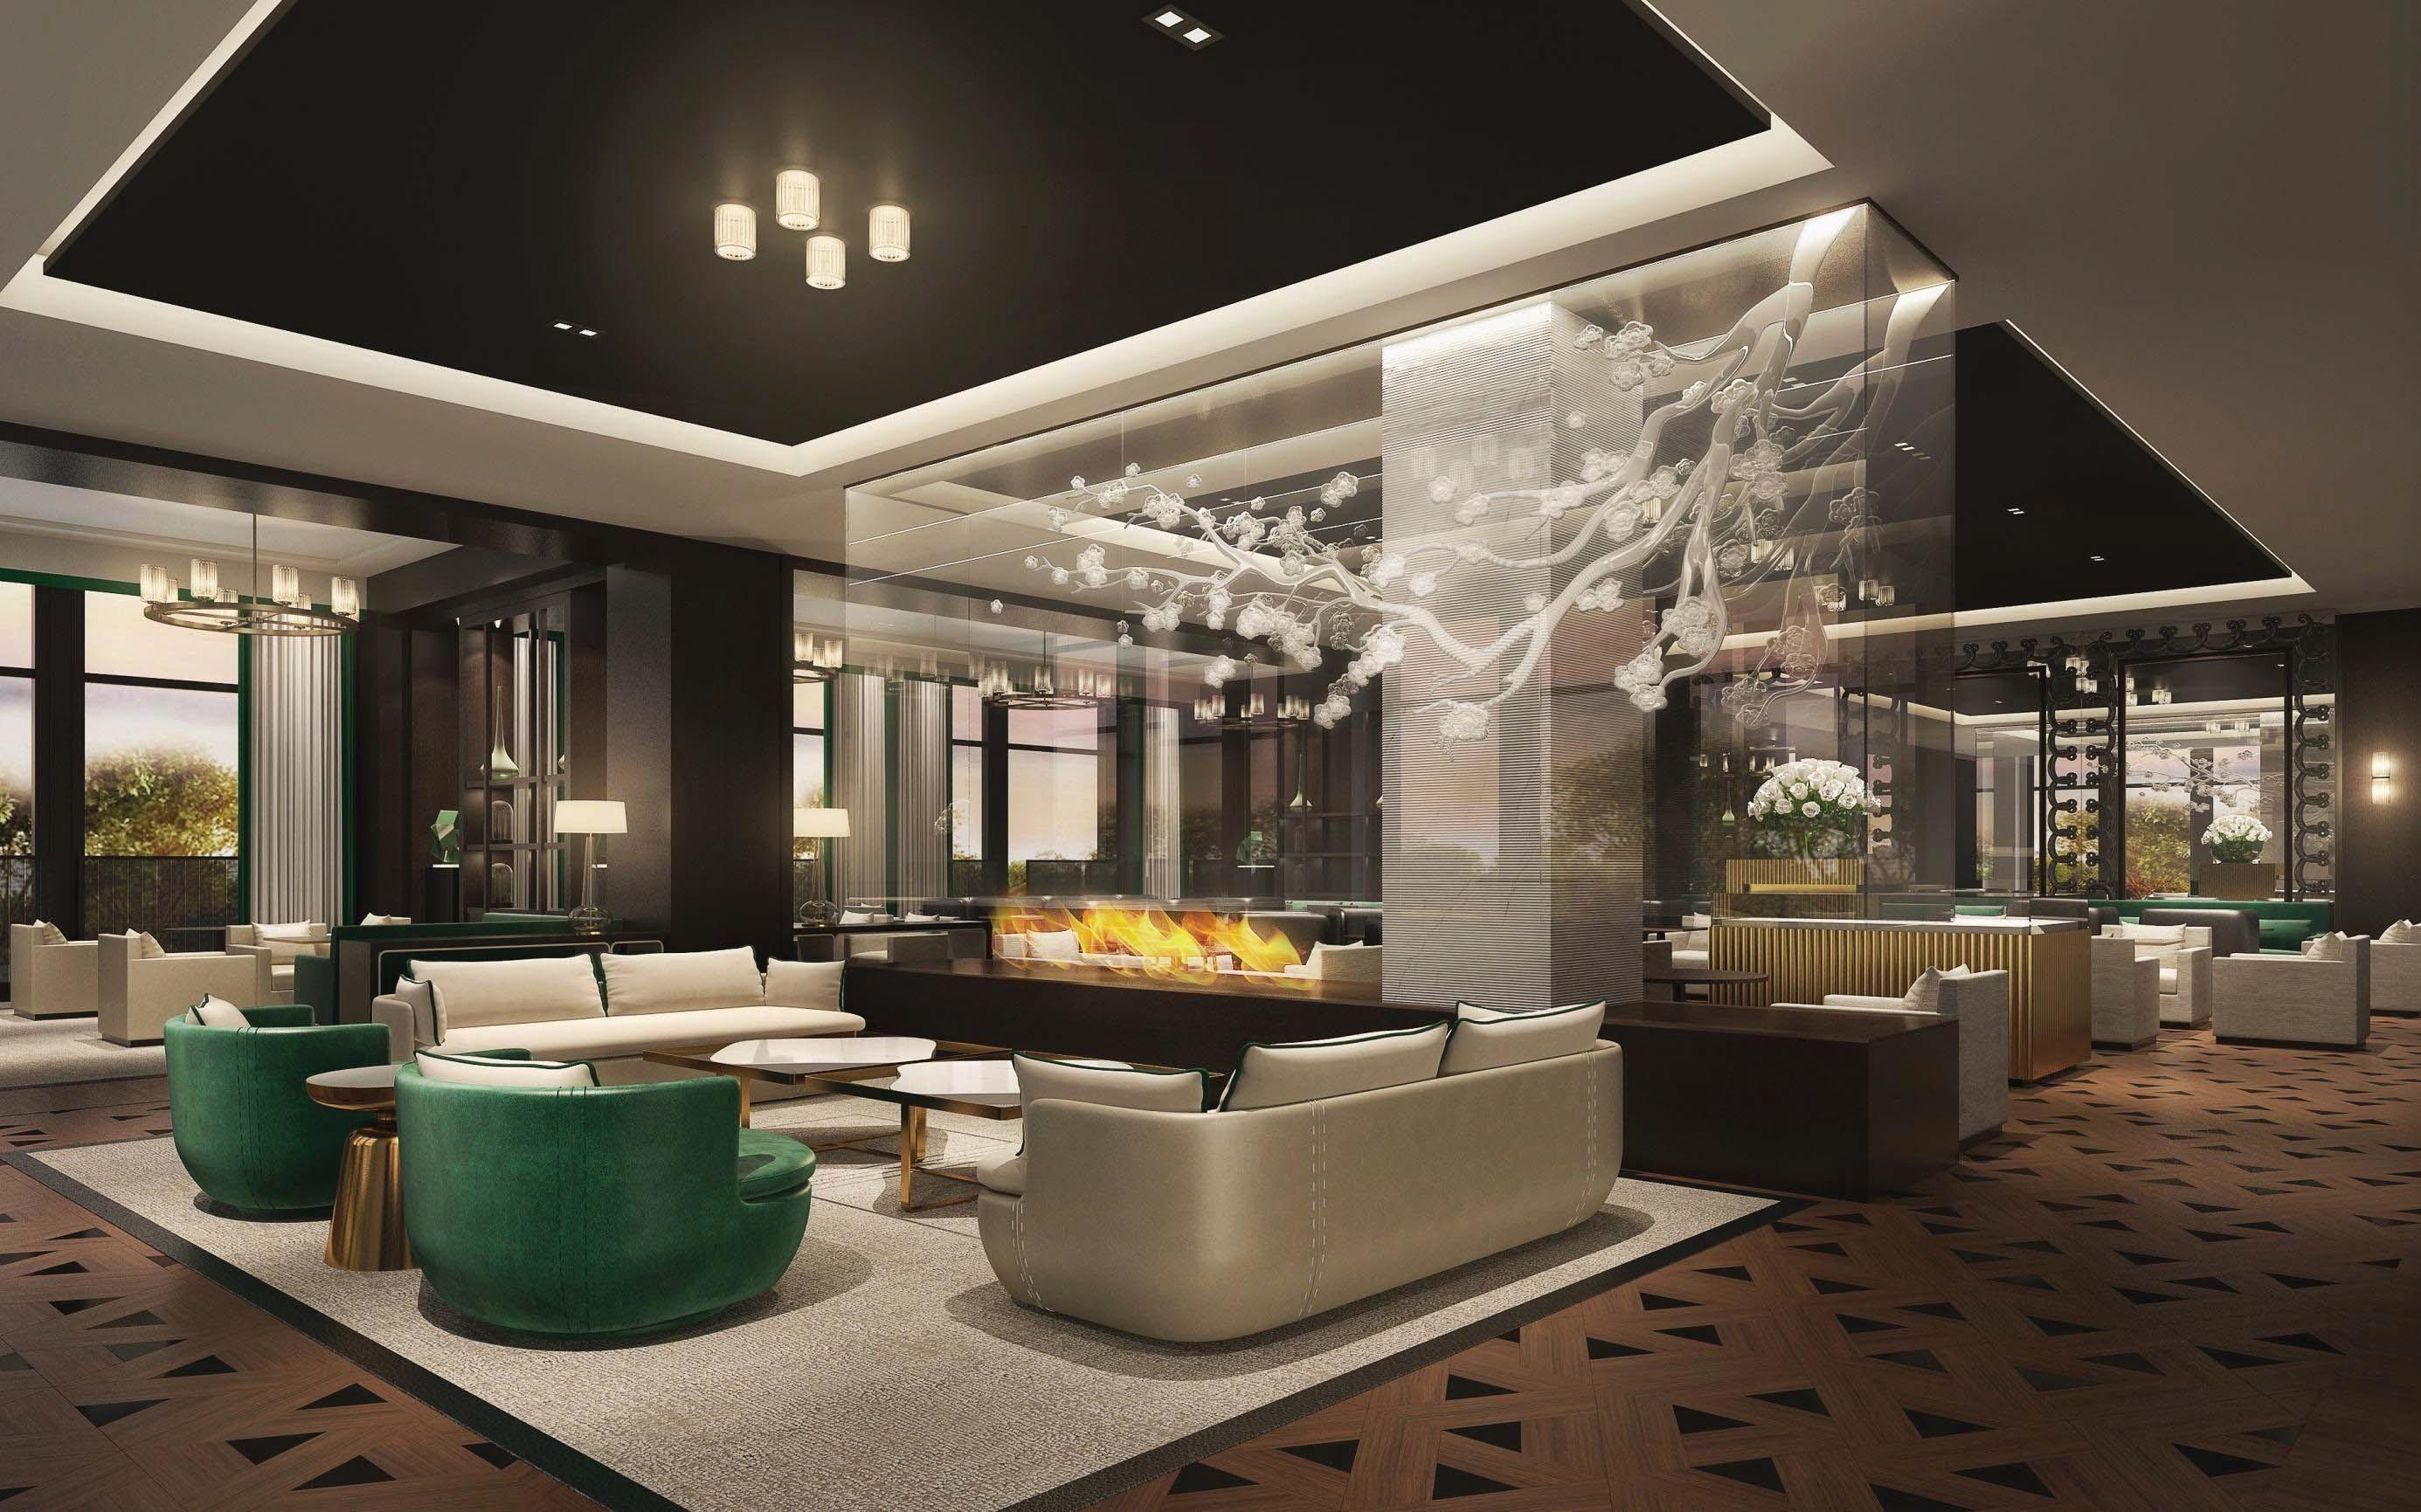 酒店设计案例 飞特网 原创酒店设计